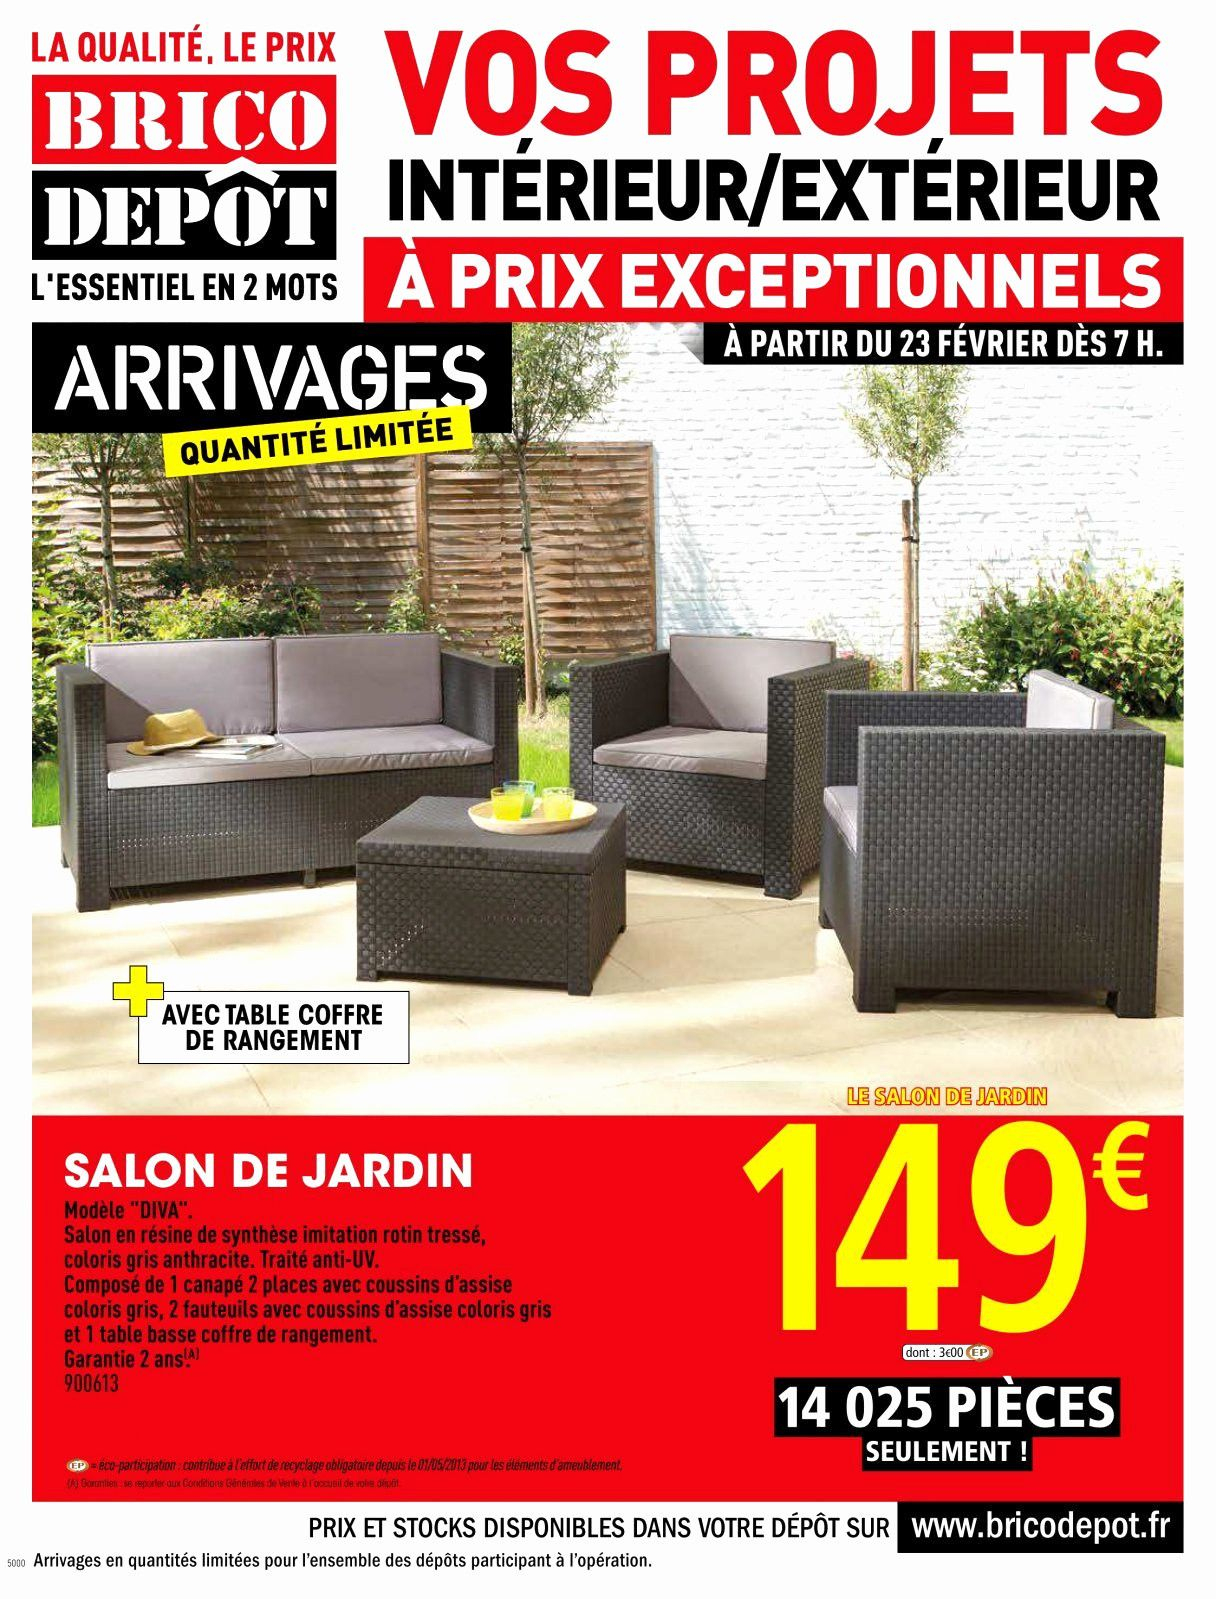 Unique Promo Salon De Jardin Brico Depot | Salon De Jardin ... concernant Salon De Jardin Moorea Allibert